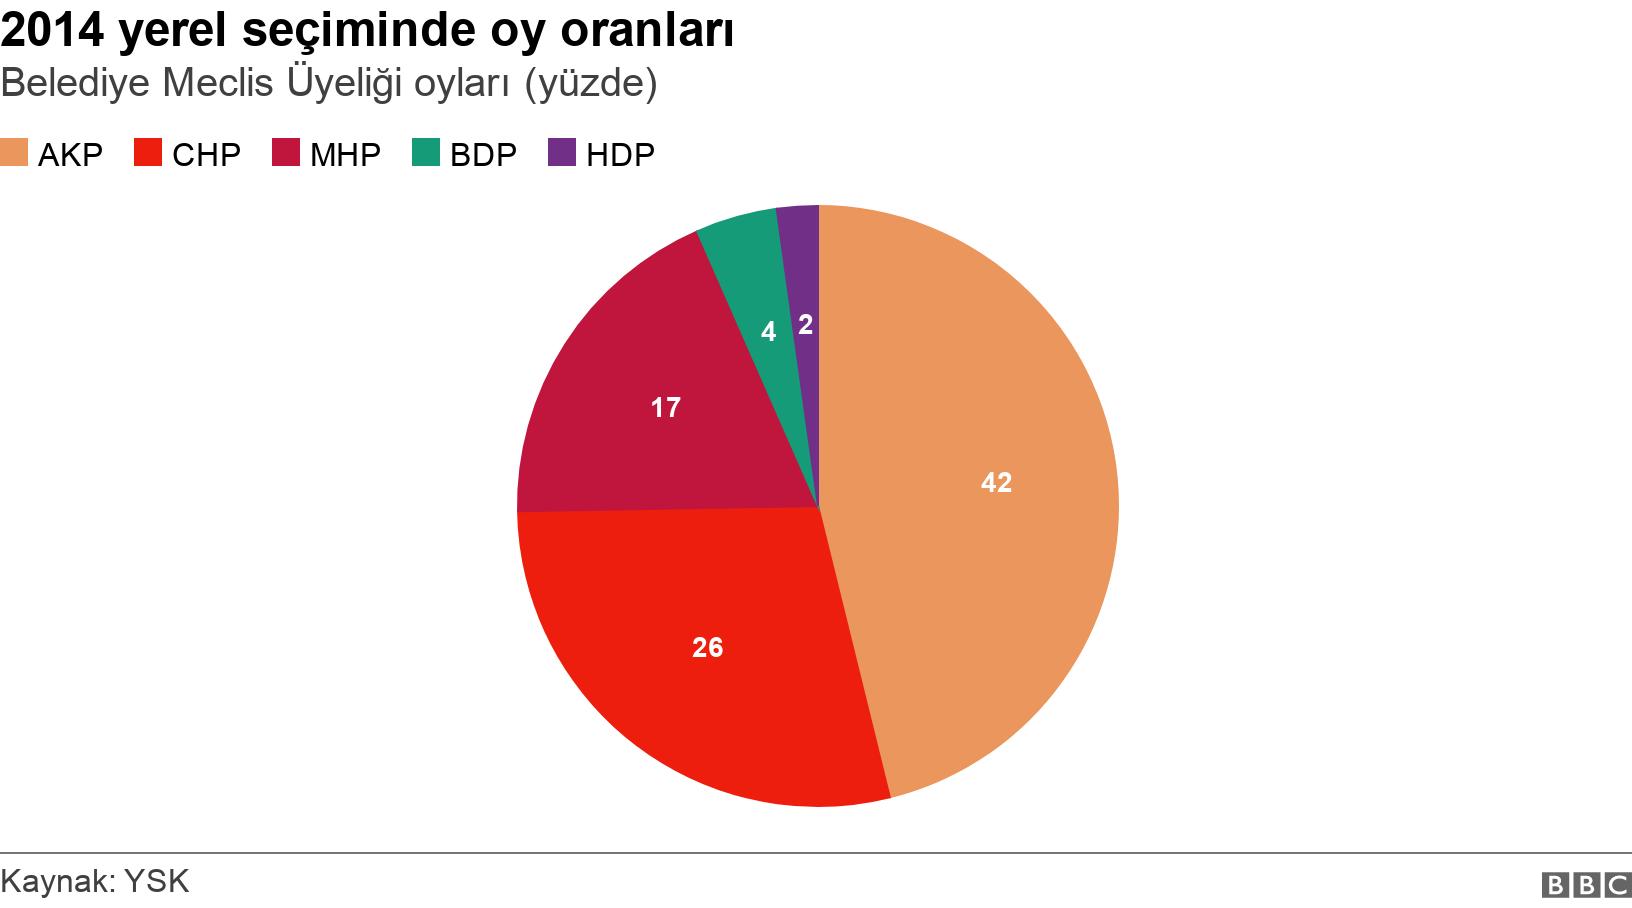 2014 yerel seçiminde oy oranları. Belediye Meclis Üyeliği oyları (yüzde).  .